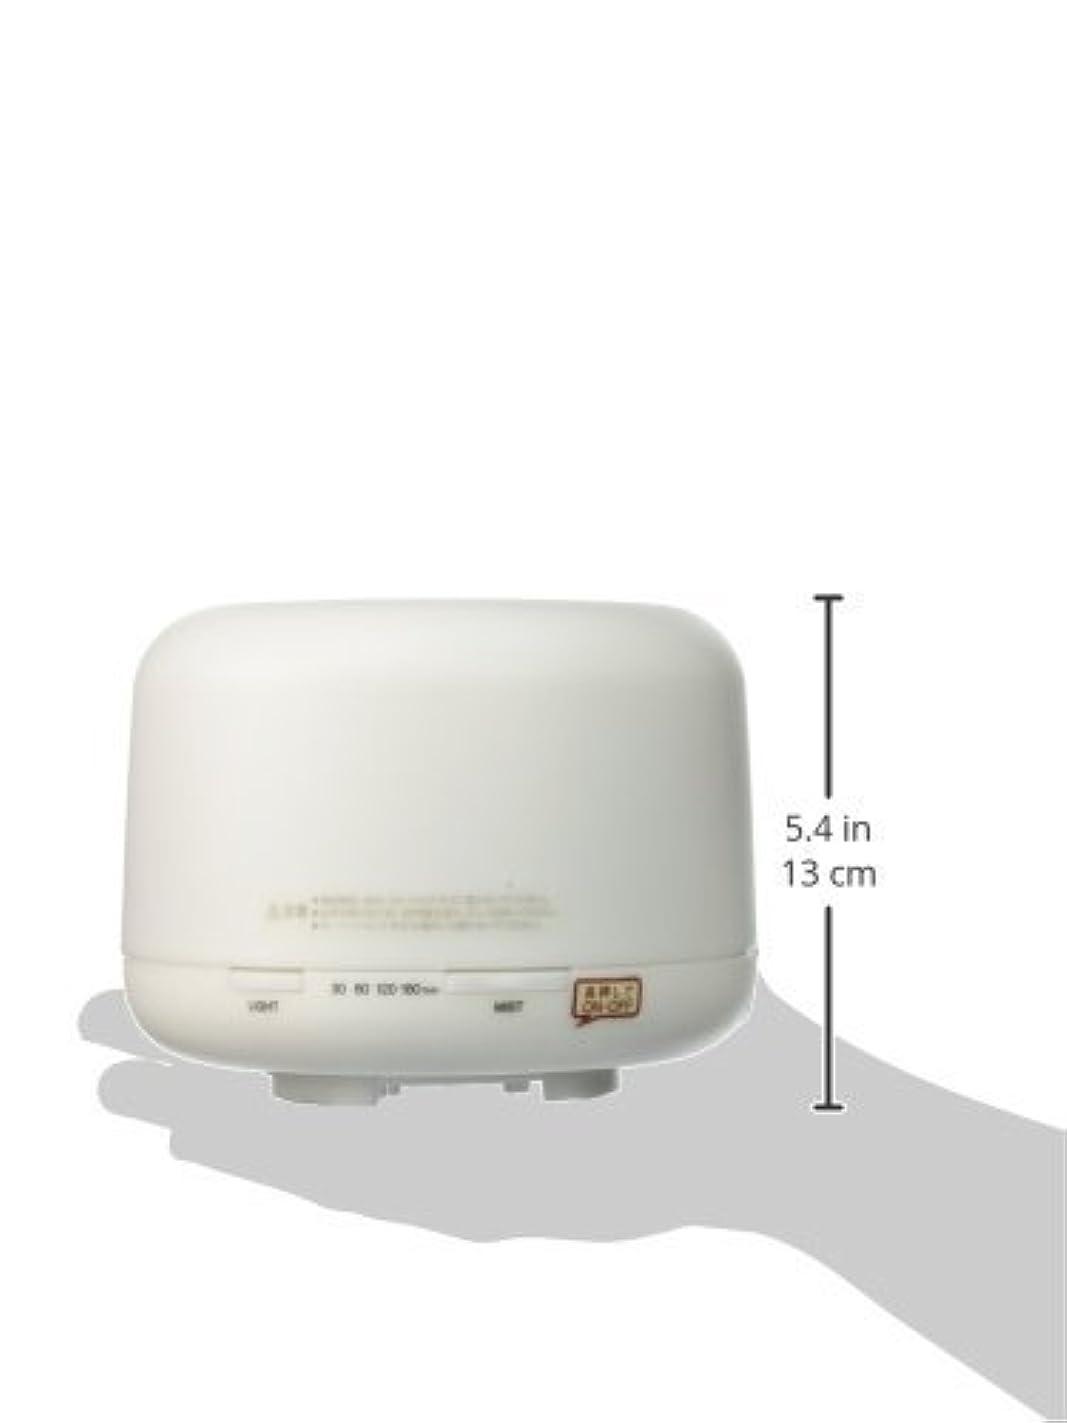 ピカリングブロック連邦【無印良品】 超音波うるおいアロマディフューザー HAD-001-JPW